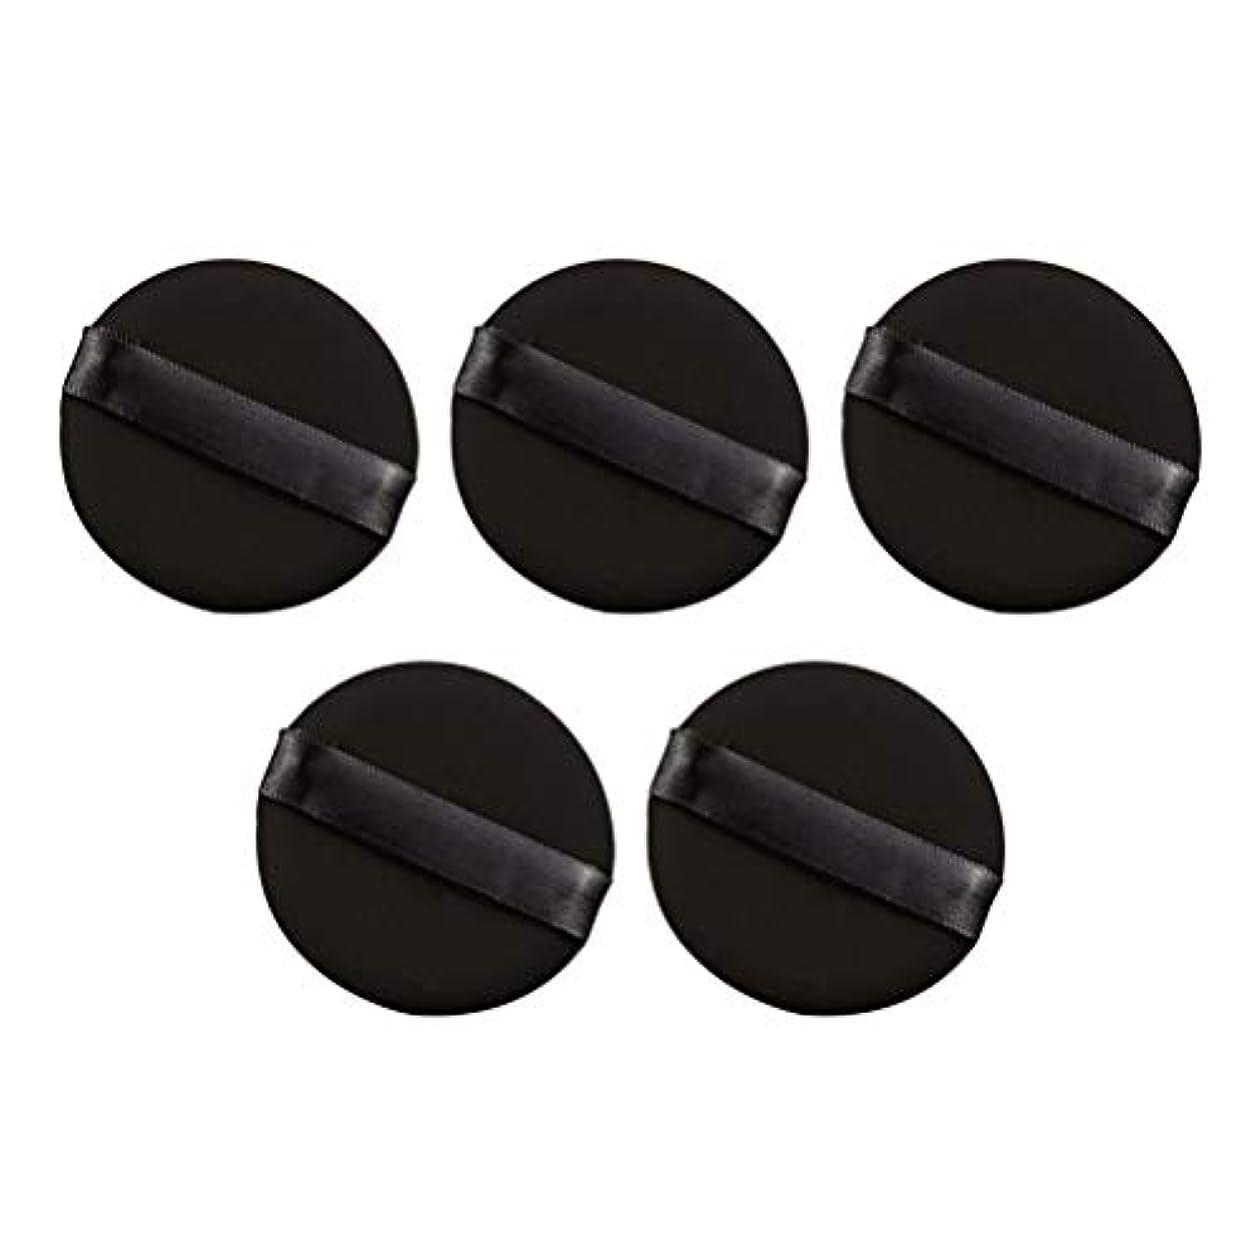 ホストヘビー揺れるFrcolor パウダーパフ エアクッション 化粧ツール ラテックスではない 弾力性 化粧品 旅行用 5個セット(ブラック)